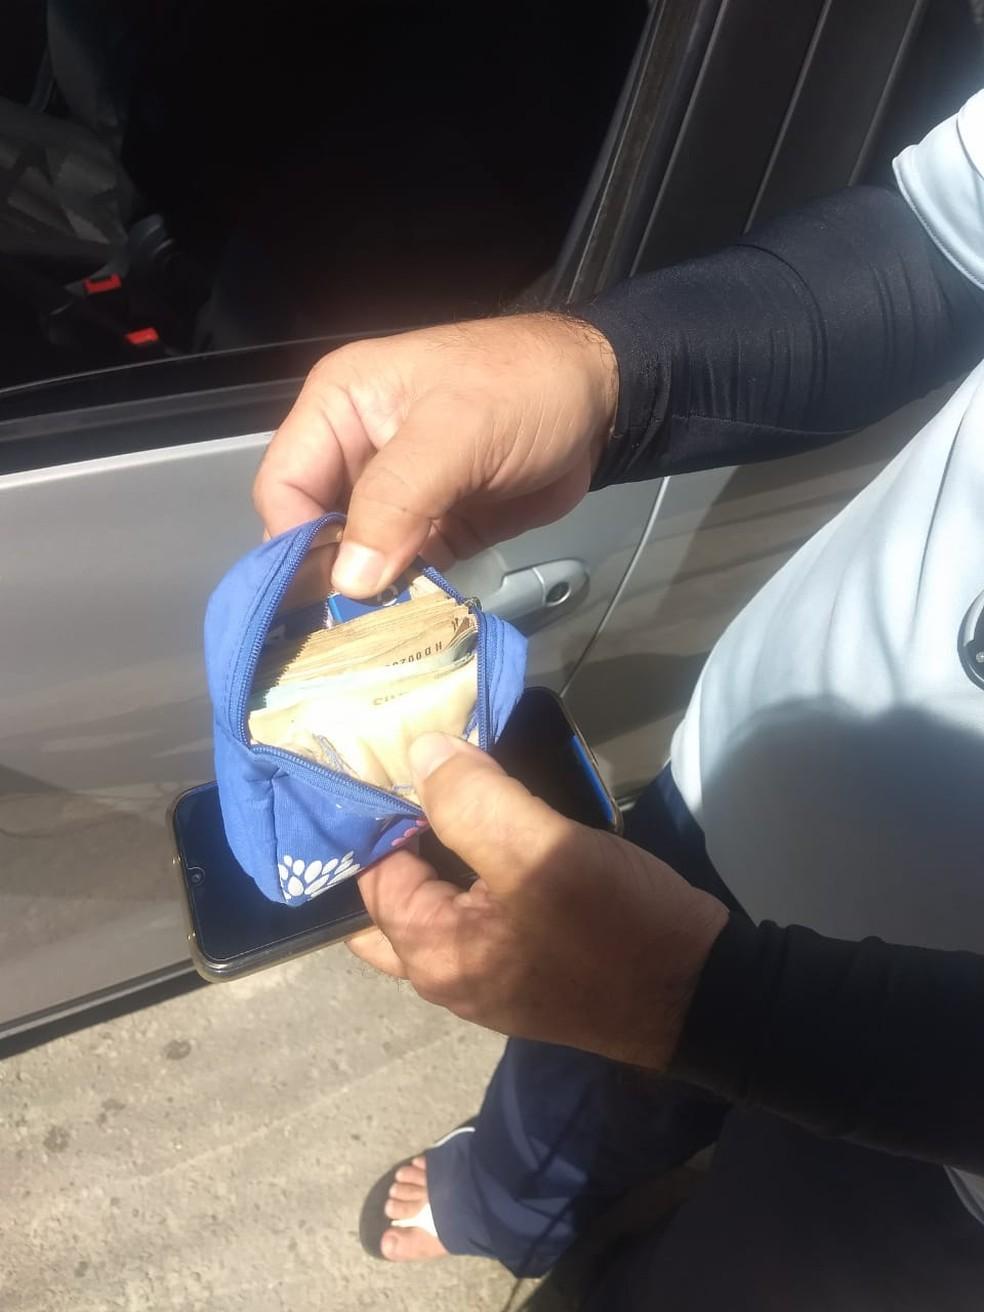 Bolsa com dinheiro ficou dentro do carro de motorista — Foto: Brenda Albuquerque/SVM